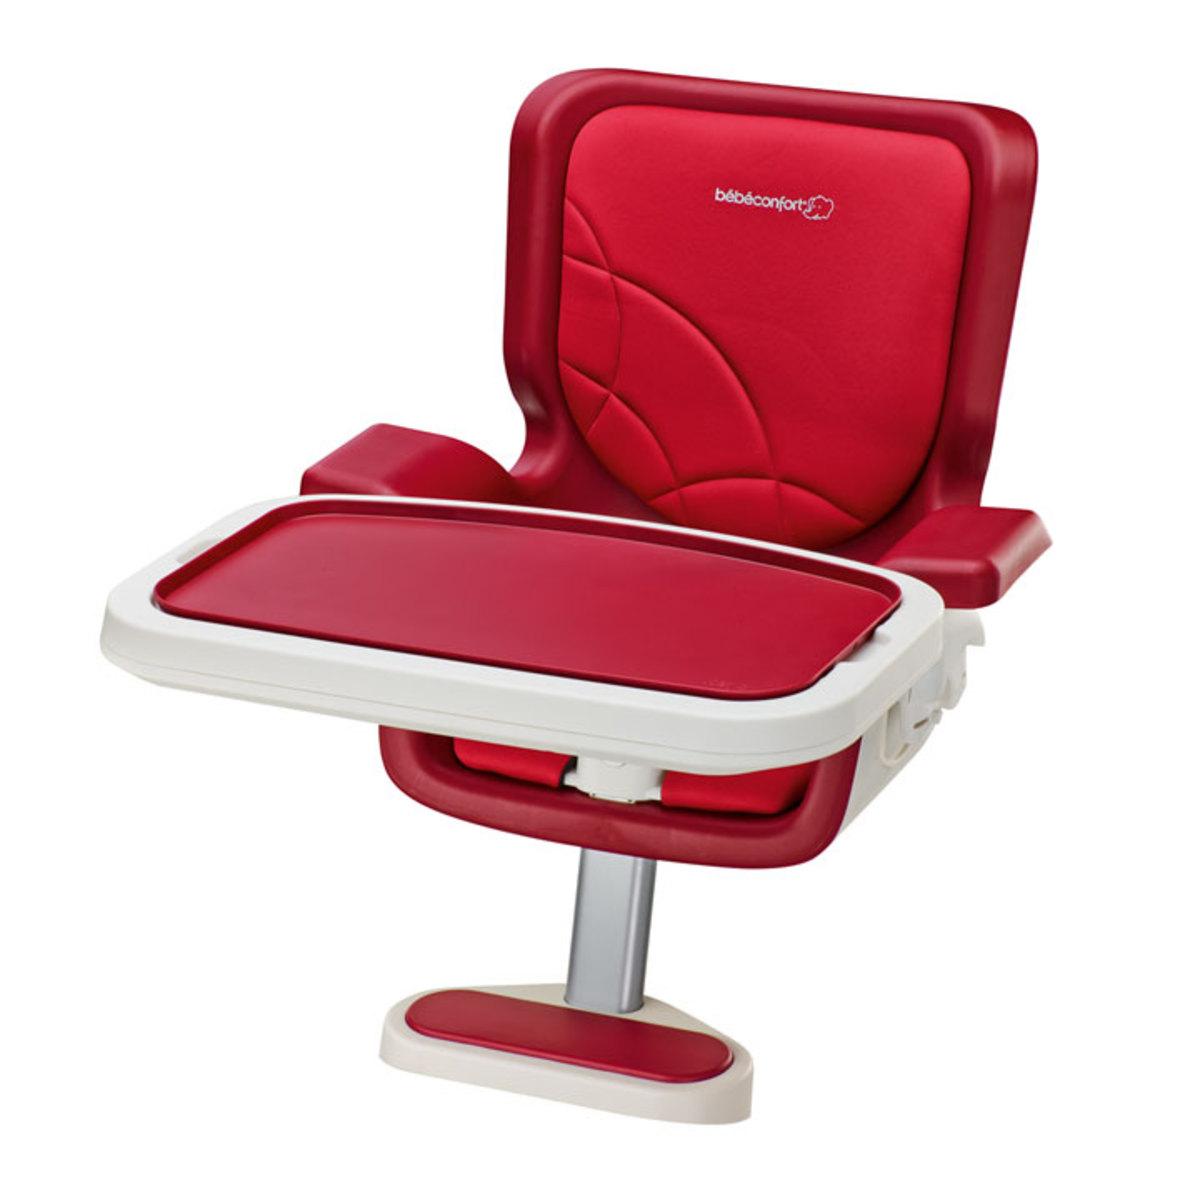 cat gorie chaises hautes page 4 du guide et comparateur d 39 achat. Black Bedroom Furniture Sets. Home Design Ideas